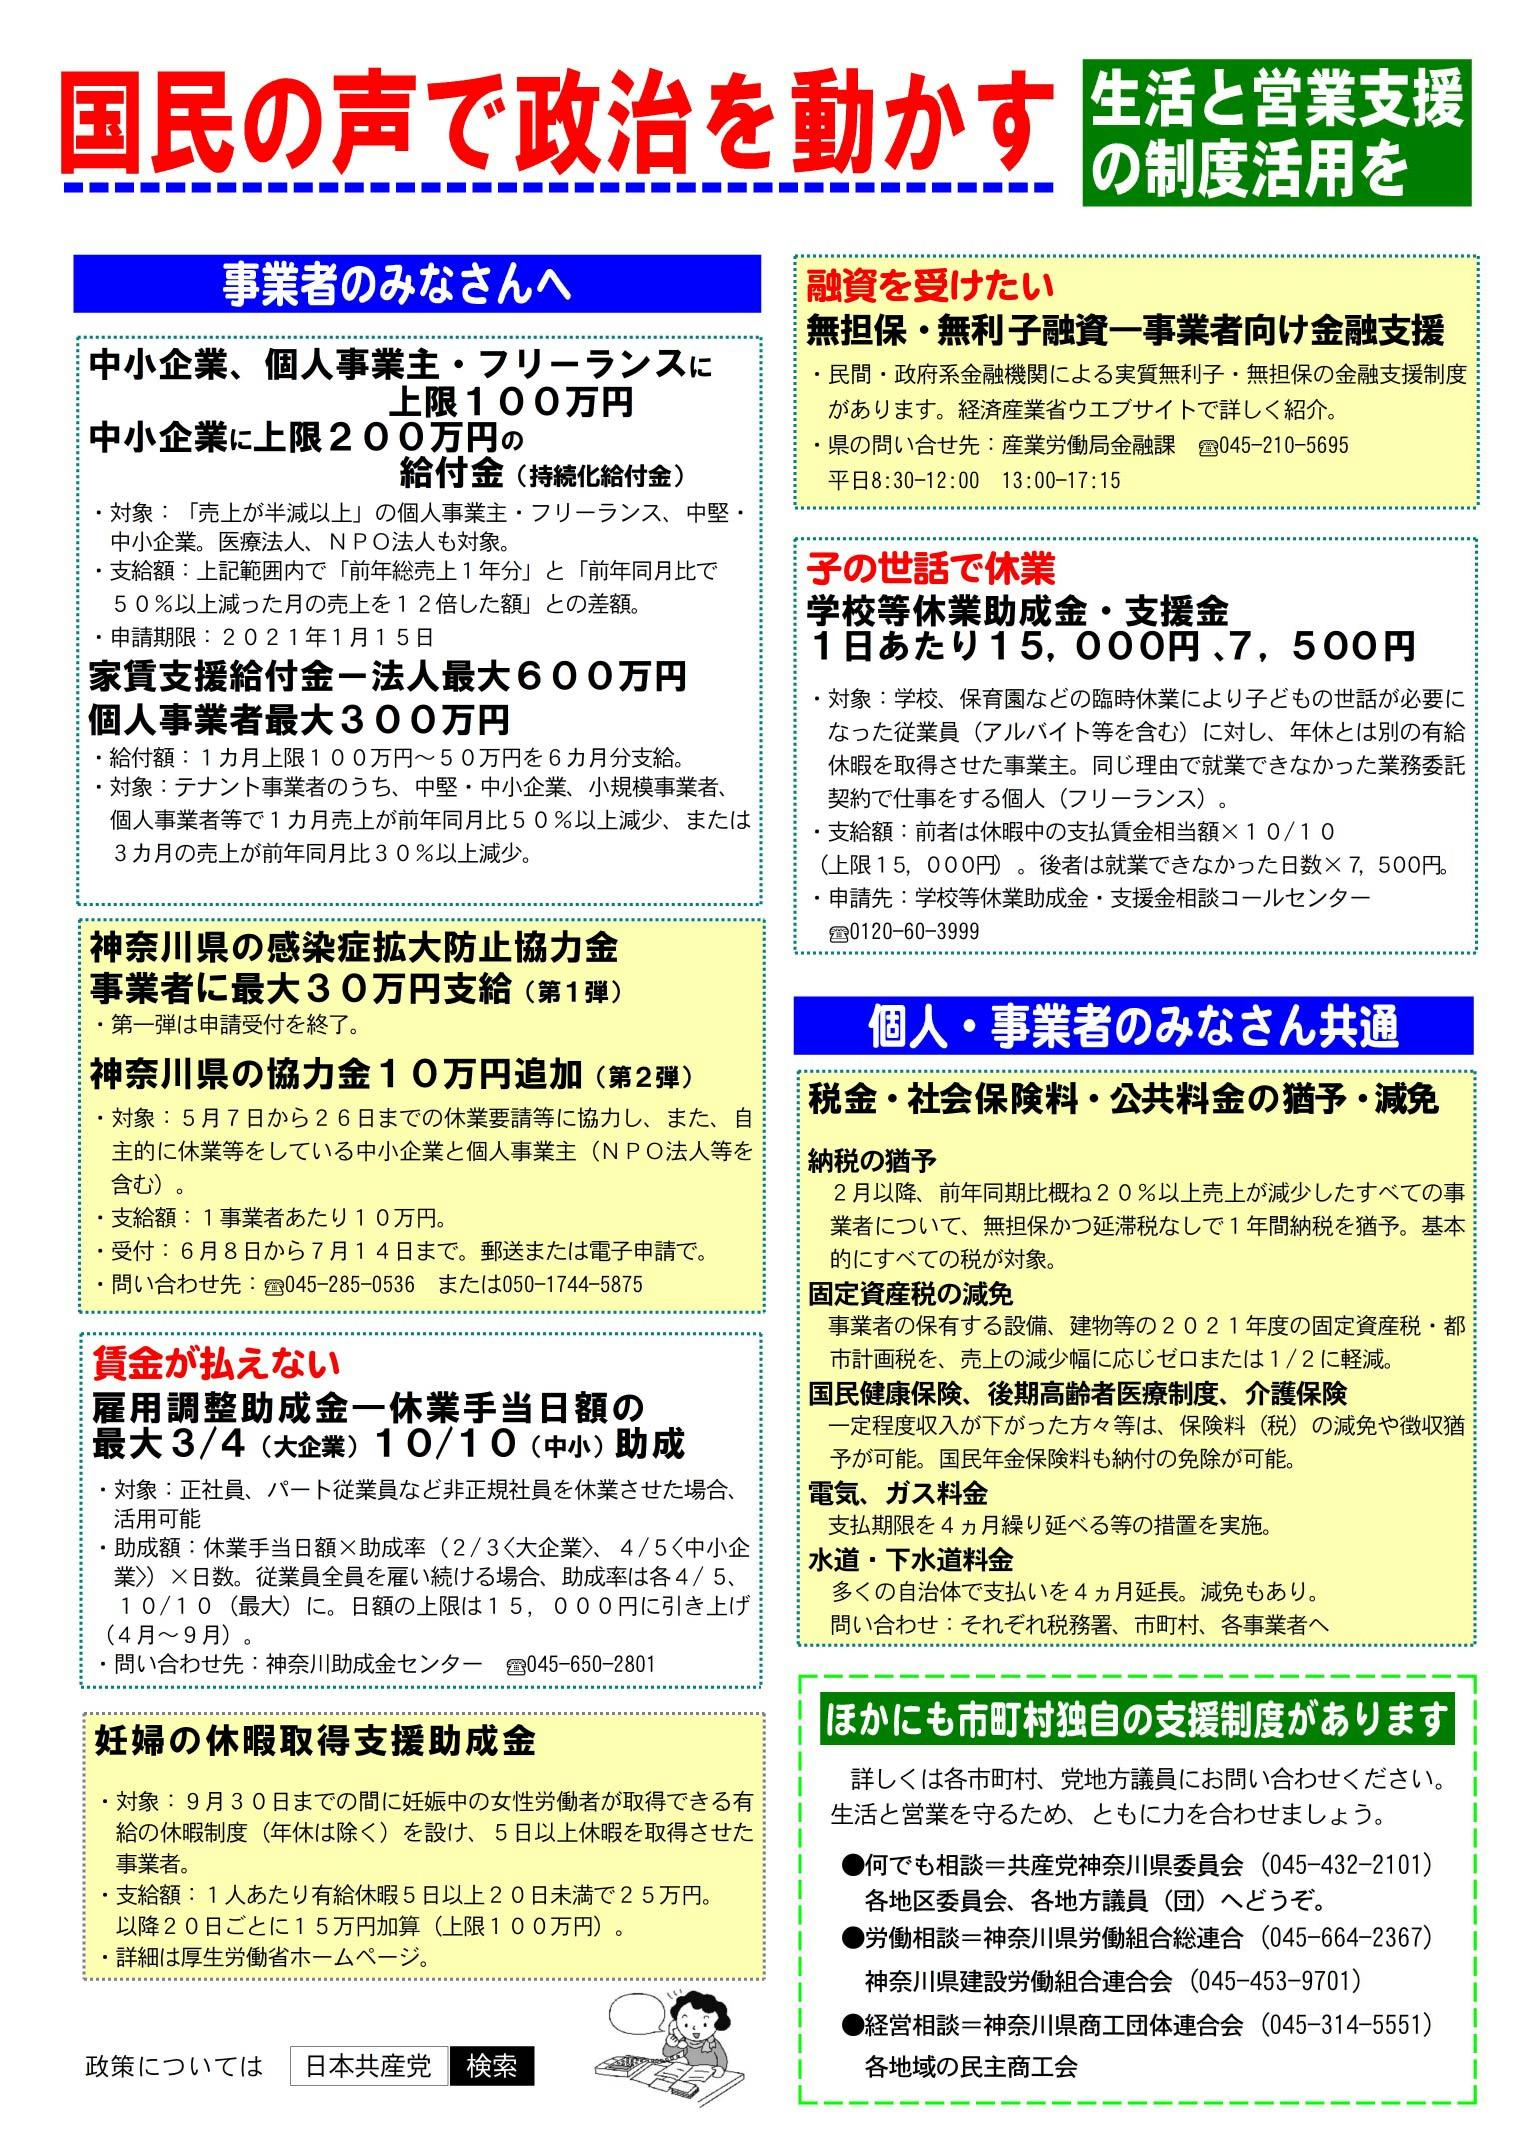 革新のひろば 7月号外(裏).jpg